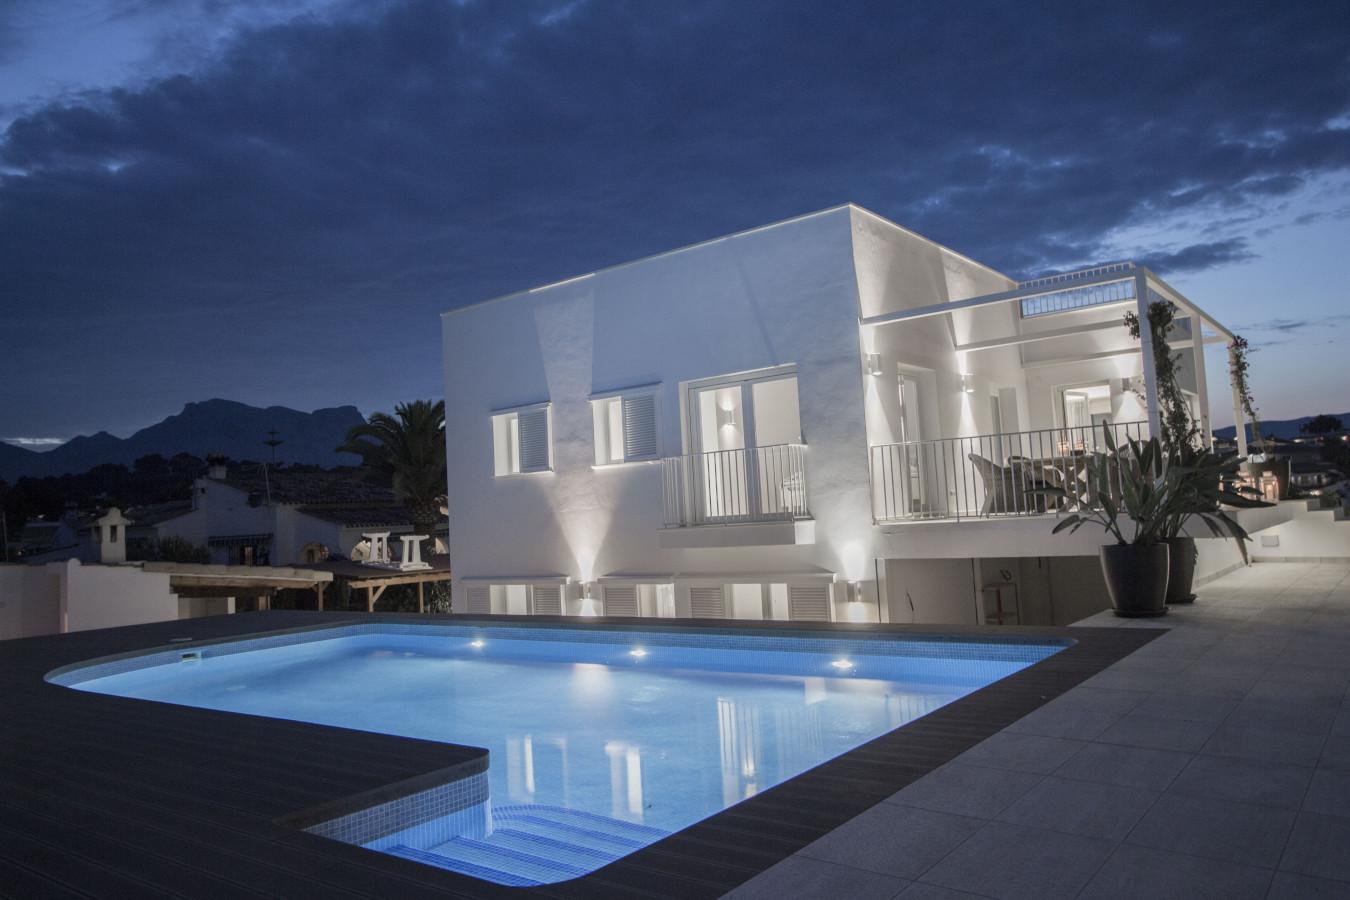 Vivienda Alfaz del Pi_María Jesús Mora_Arquitecto_Alicante 19